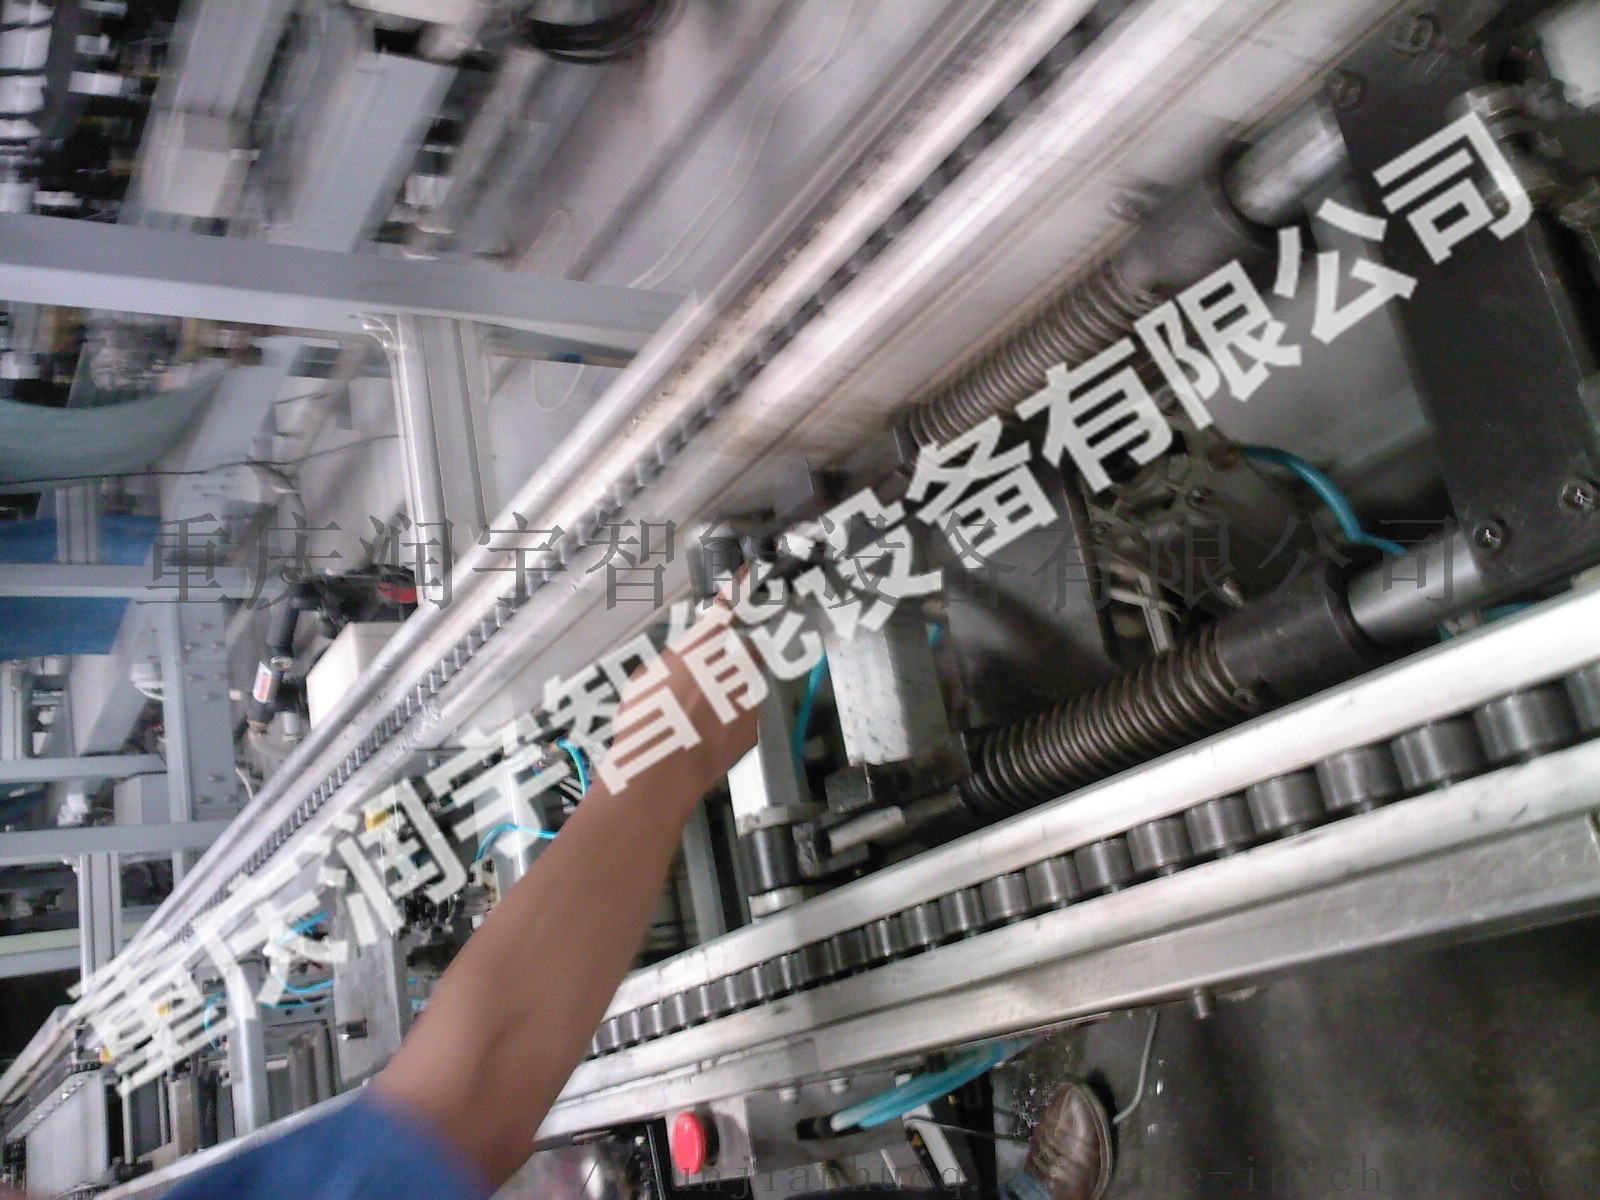 TY通机线内工装板倾斜机构-01_副本.jpg